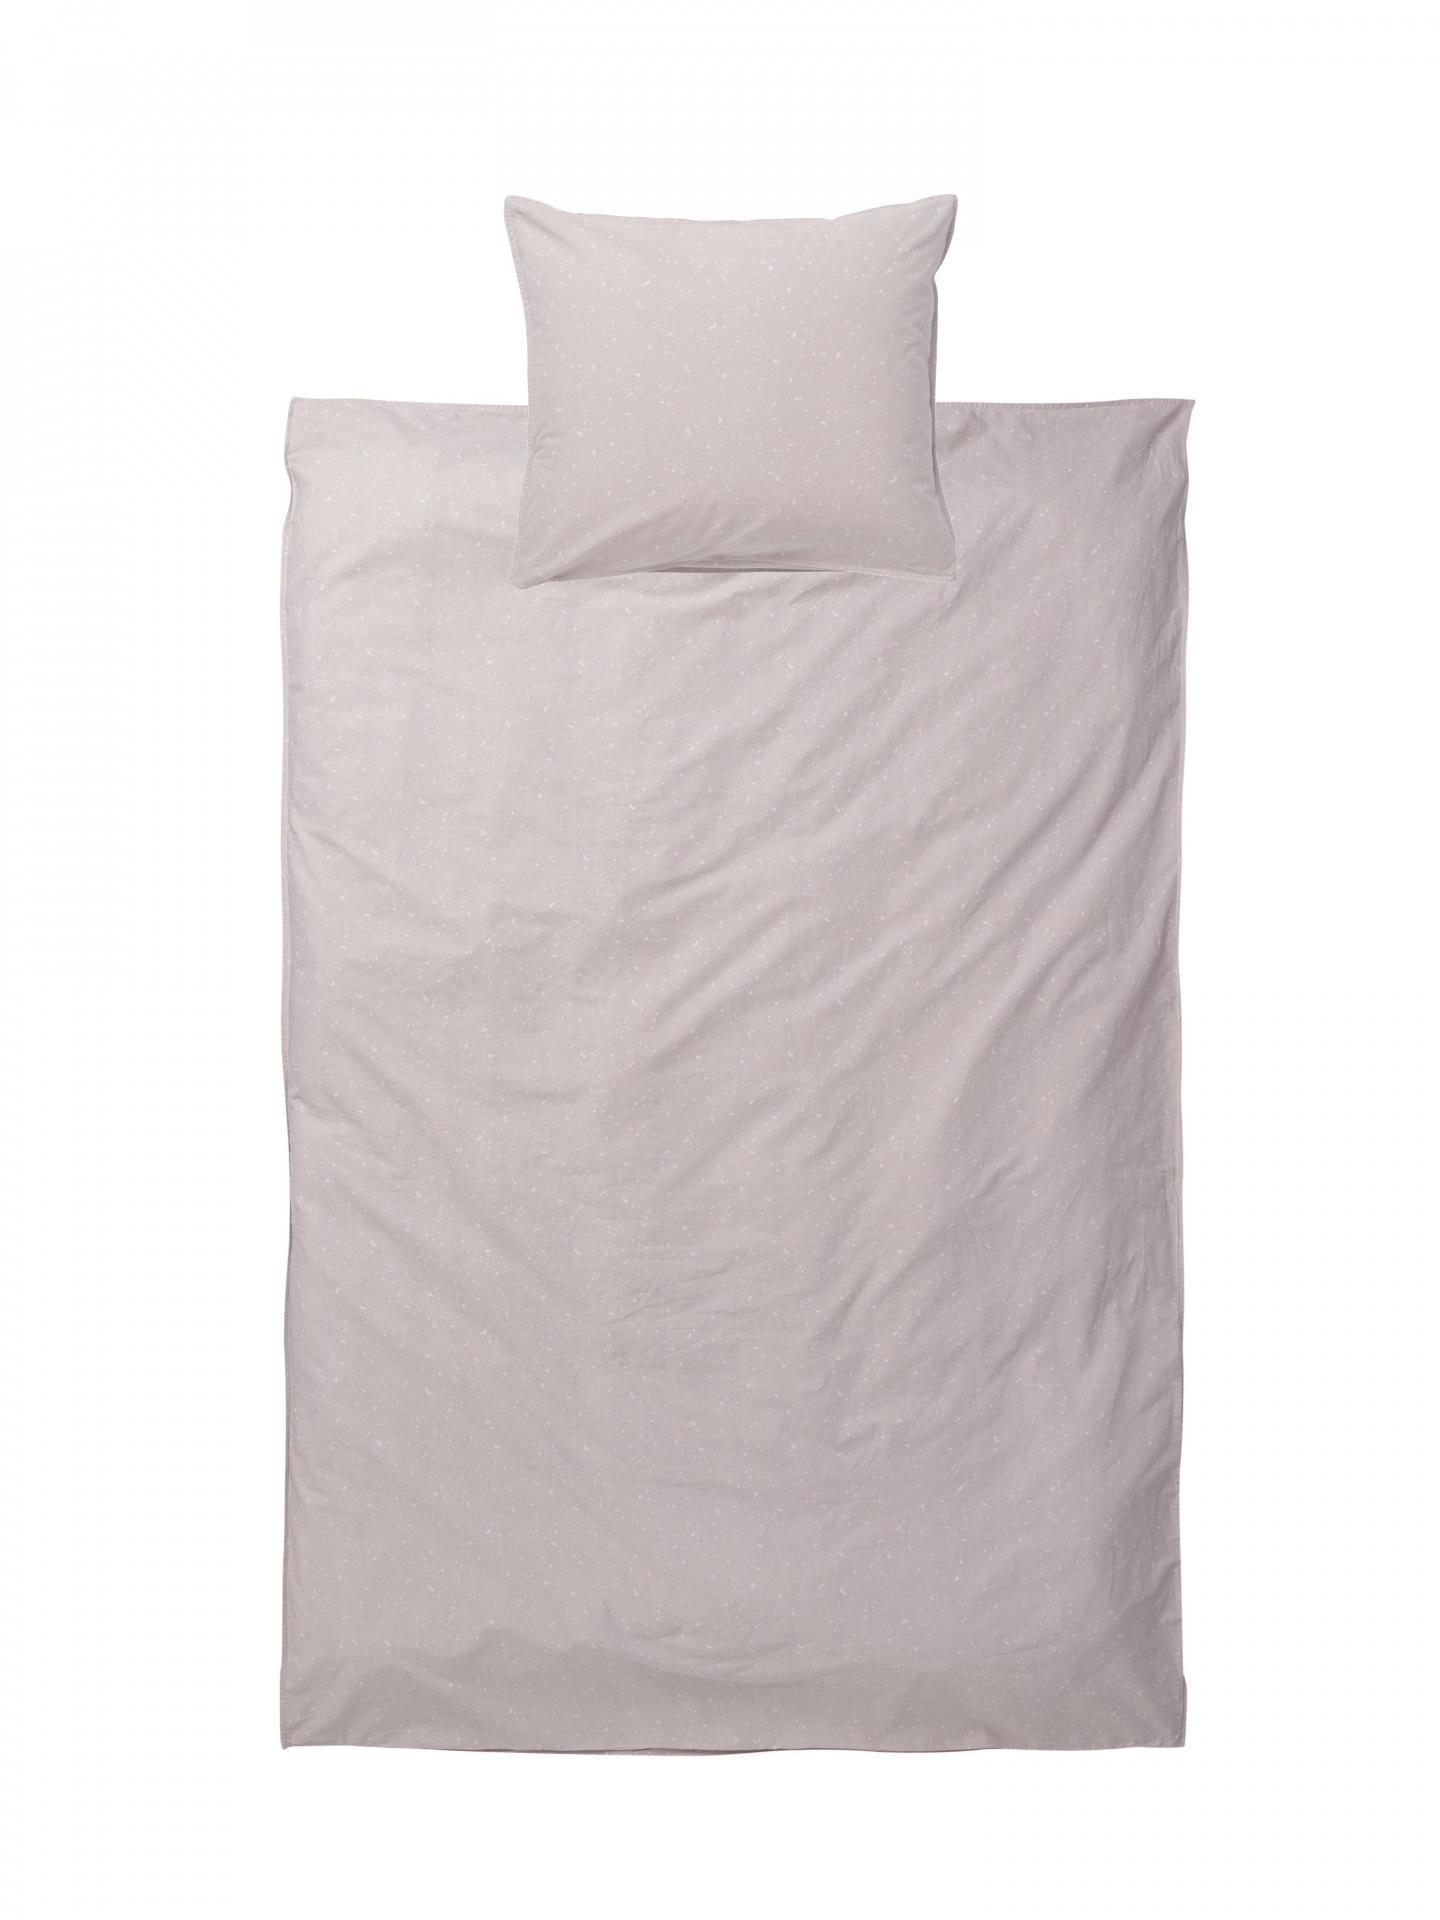 ferm LIVING Bavlněné povlečení Hush Milkyway Rose 140x200 cm, růžová barva, bílá barva, textil